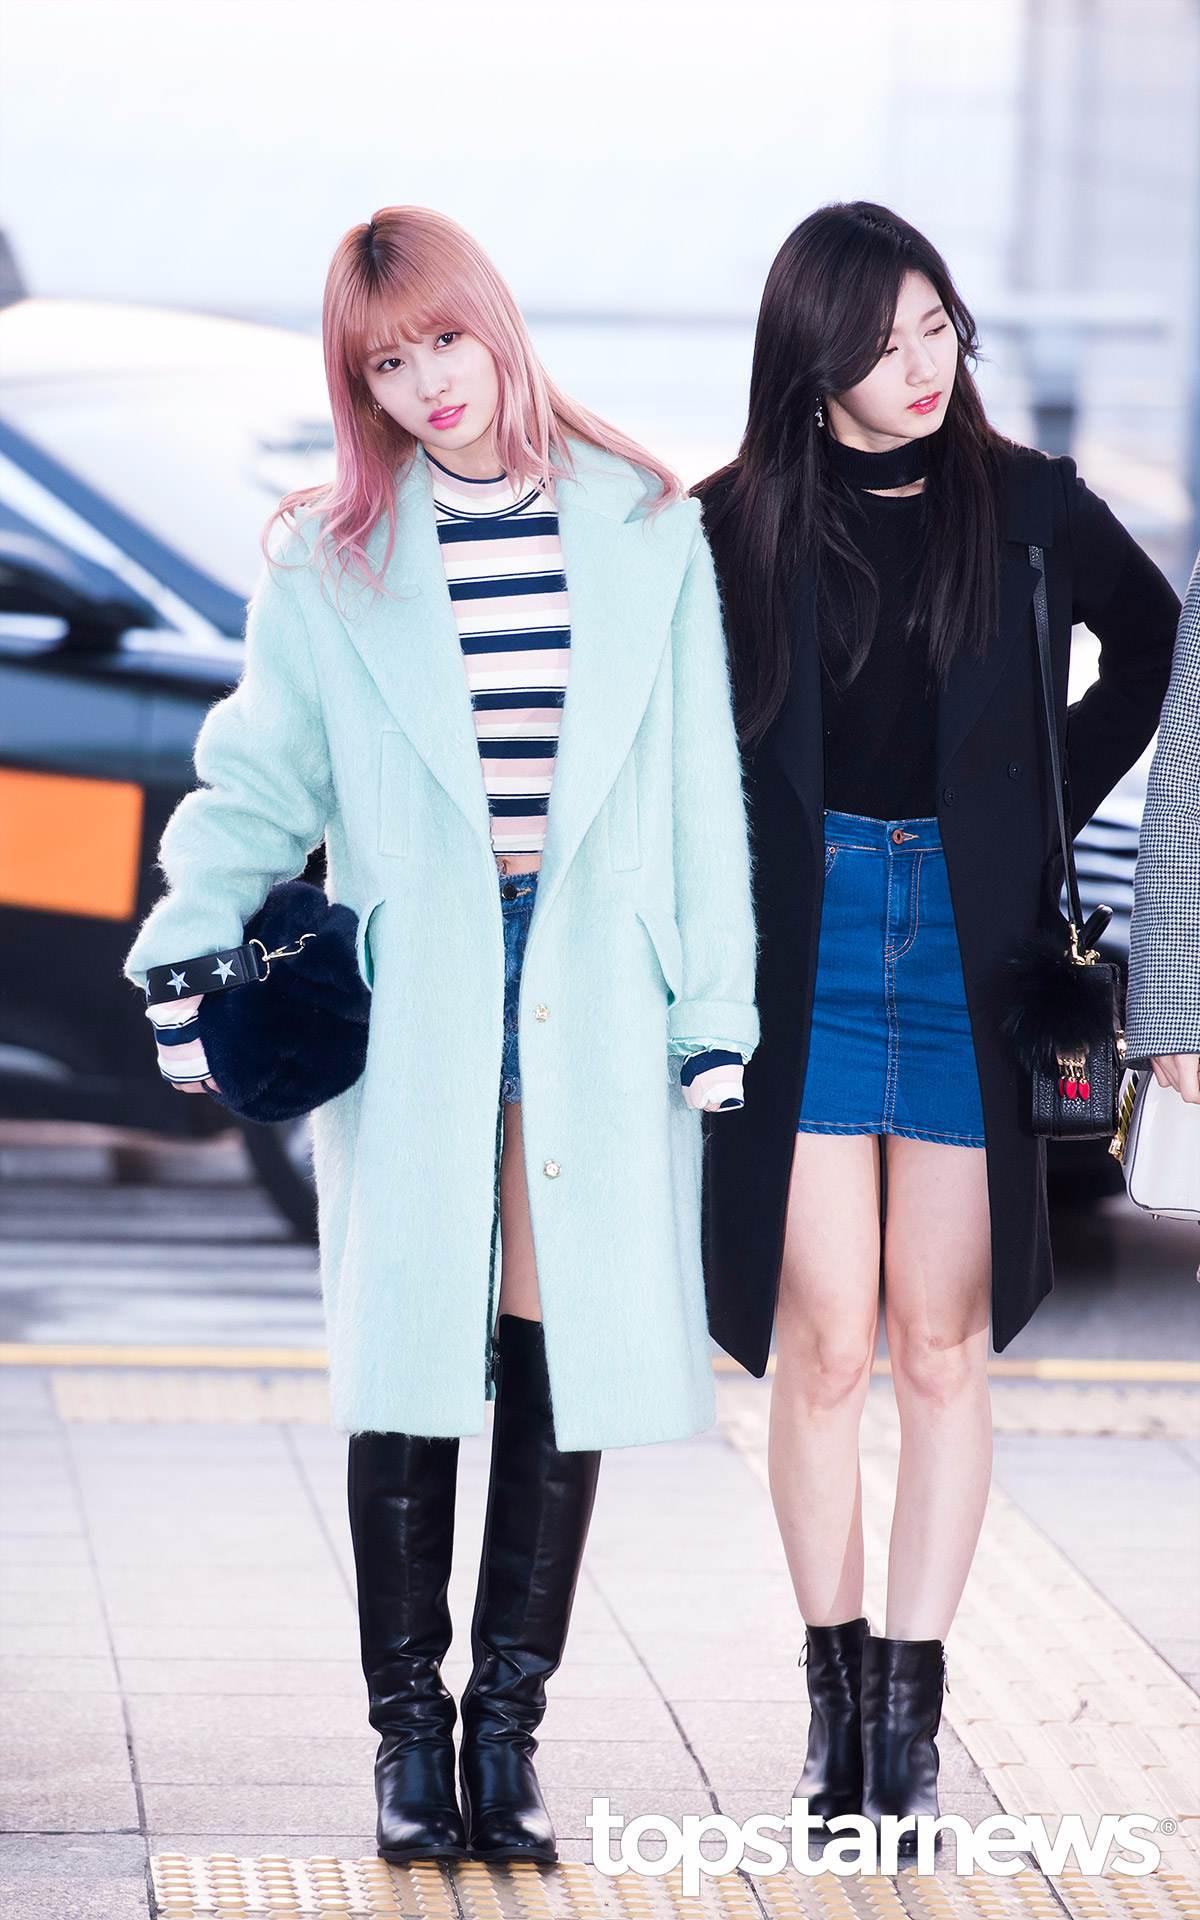 Momo的淺藍綠毛大衣有早春的感覺,內搭性感的露肚短上衣讓摩登少女覺得那件外套保暖效果十足啊XDD;Sana的穿搭則是每個女孩都能參考的基本樣式喔!